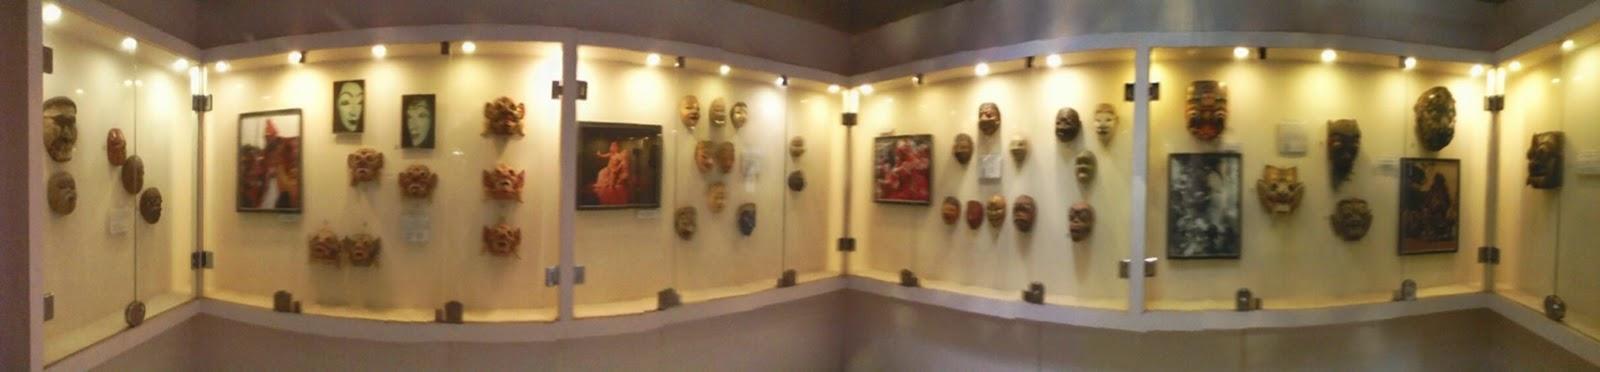 Koleksi Topeng Jpg Museum Mempunyai Sebuah Bahan Baku Pembuatan Keris